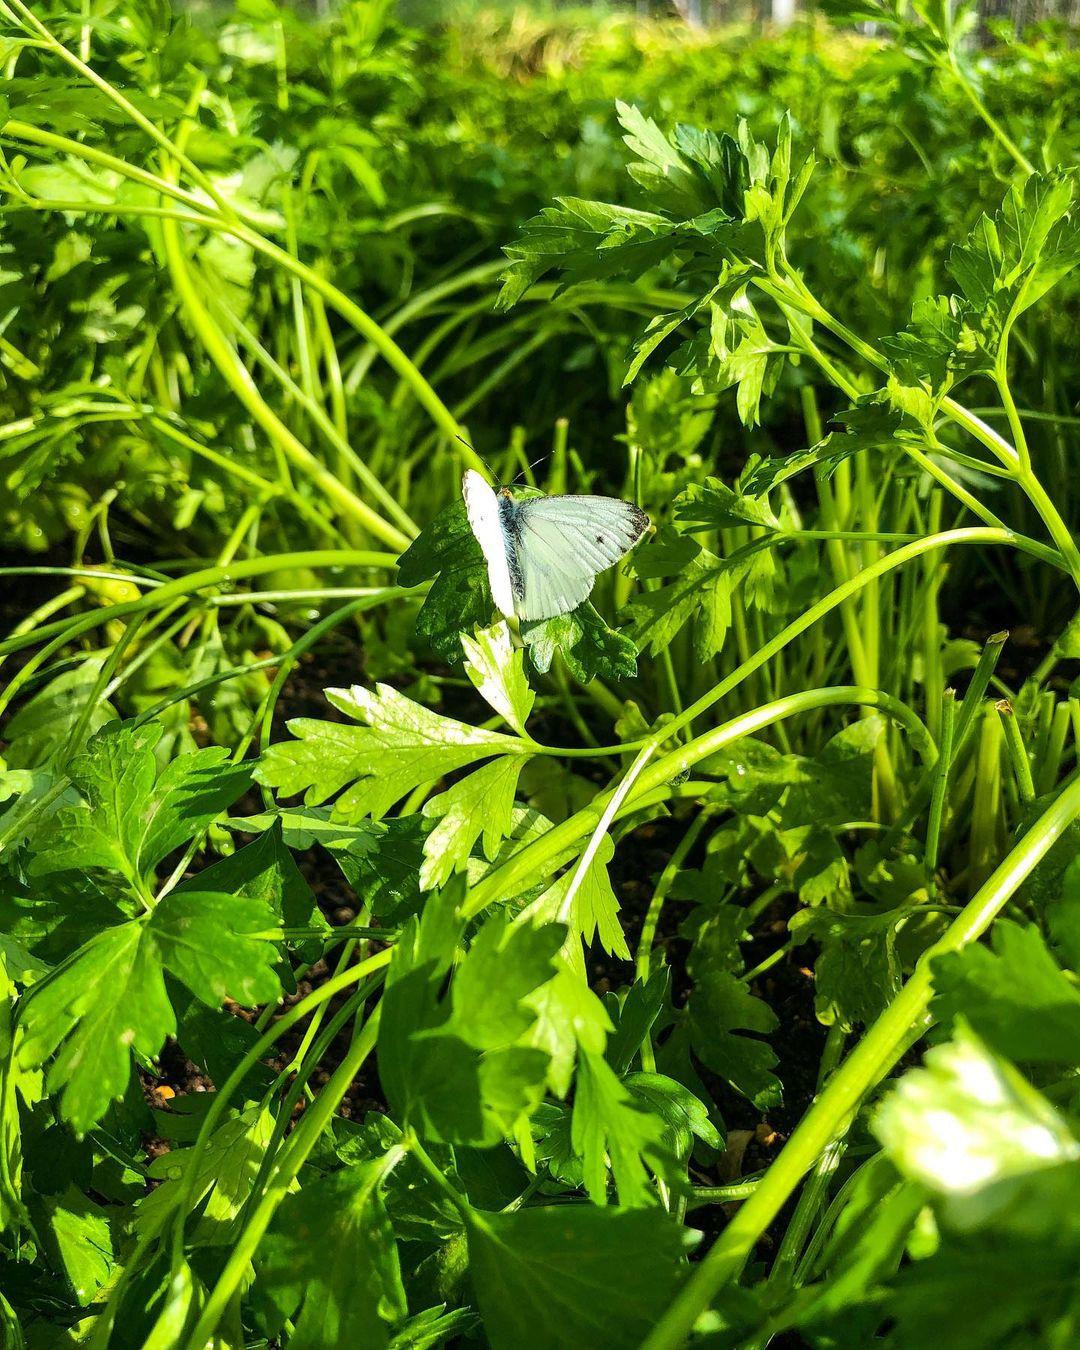 Worton Kitchen Garden, Cassington, West Oxfordshire - Image Gallery 07